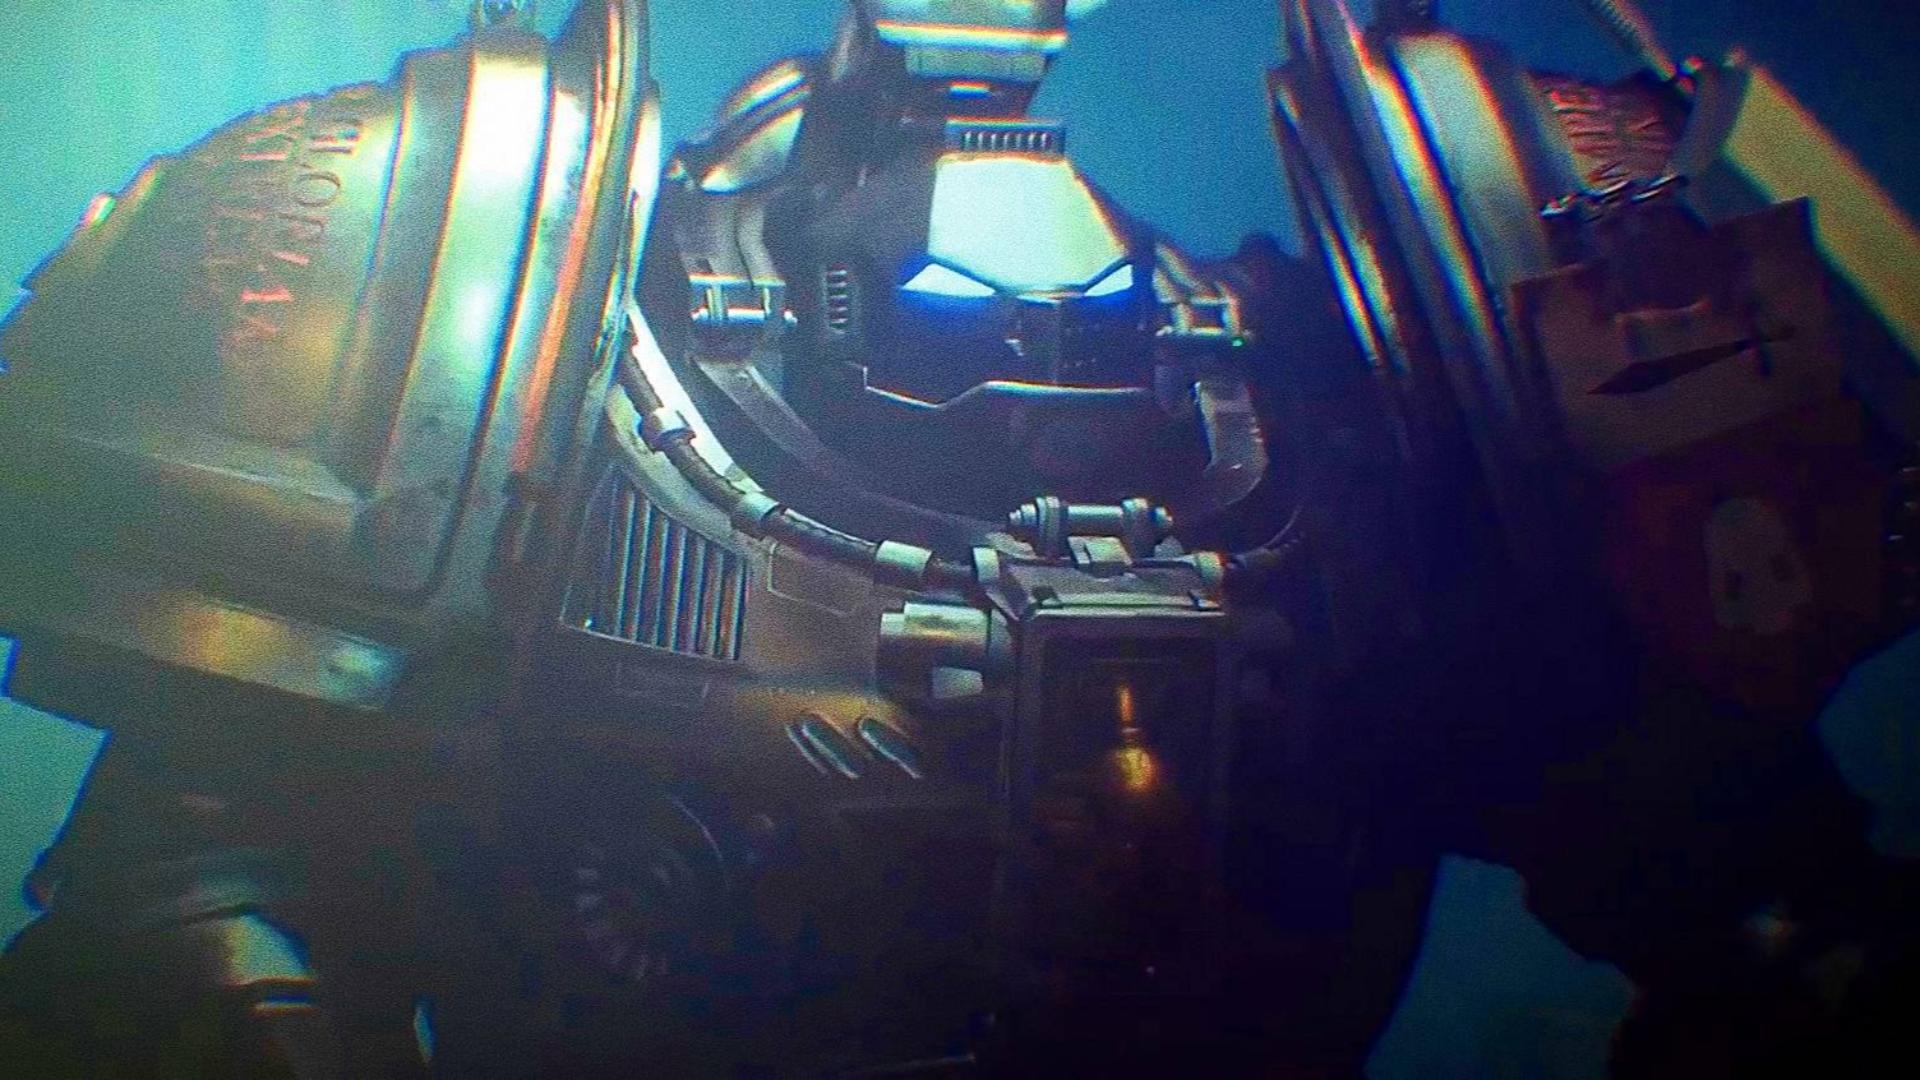 战锤40K影片 灰骑士穿戴动力盔甲全流程